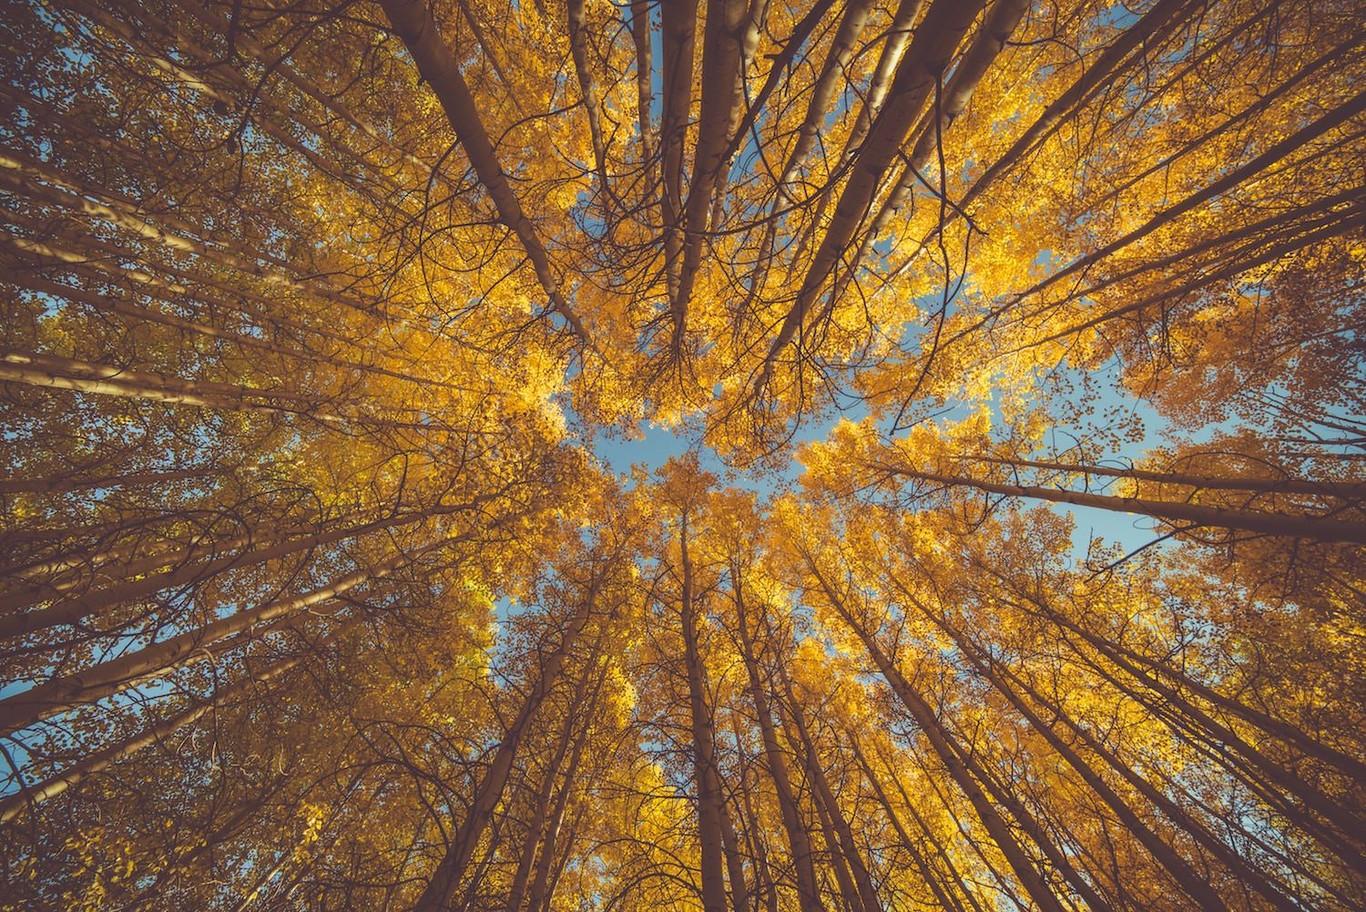 15 consejos para mejorar las fotografías de paisajes otoñales